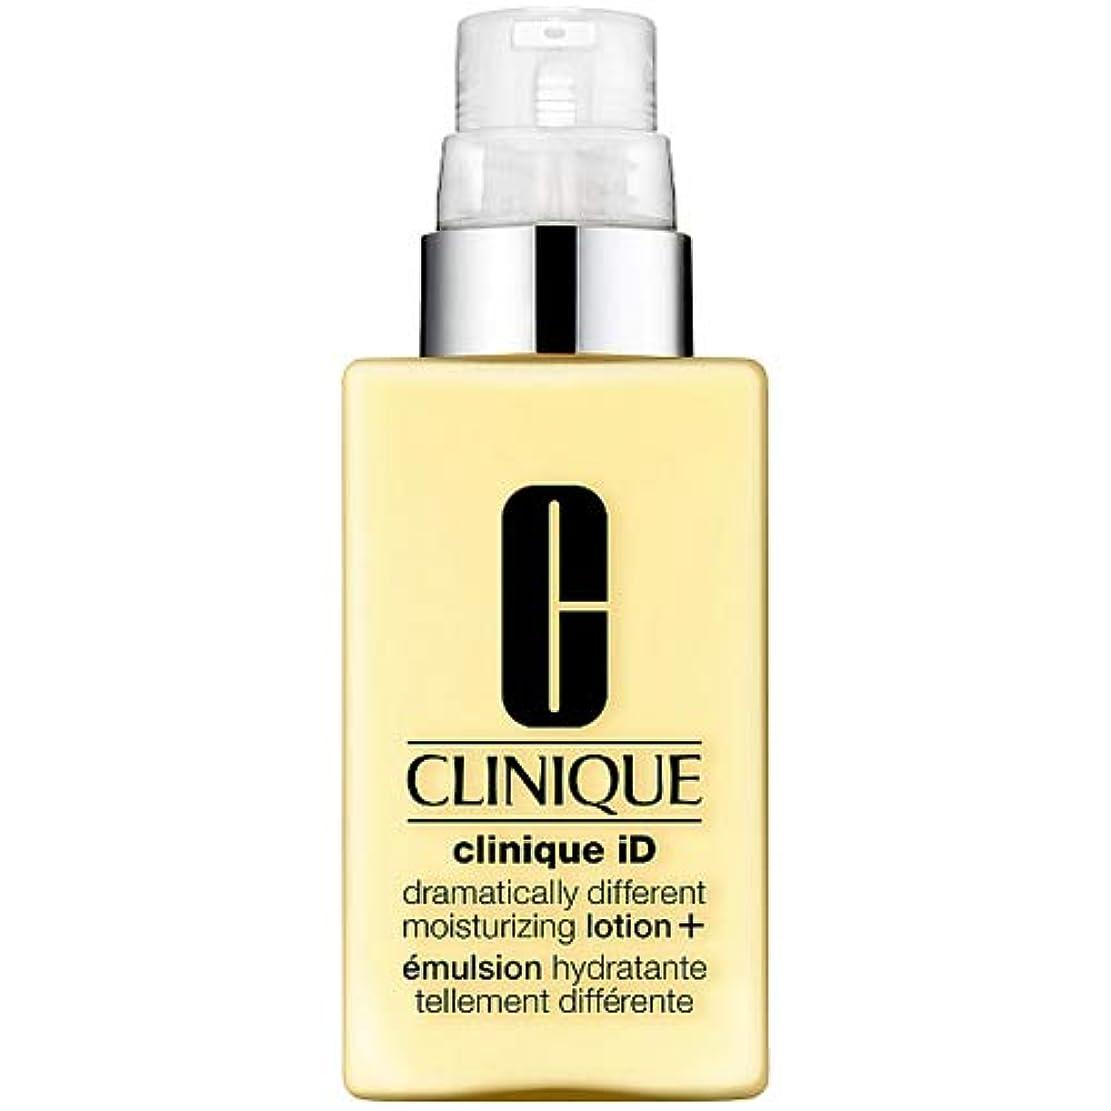 カナダ出発するピストルクリニーク CLINIQUE クリニーク ID 乳液(DDML+)/ブライトニング(TN) 115ml+10ml [並行輸入品]